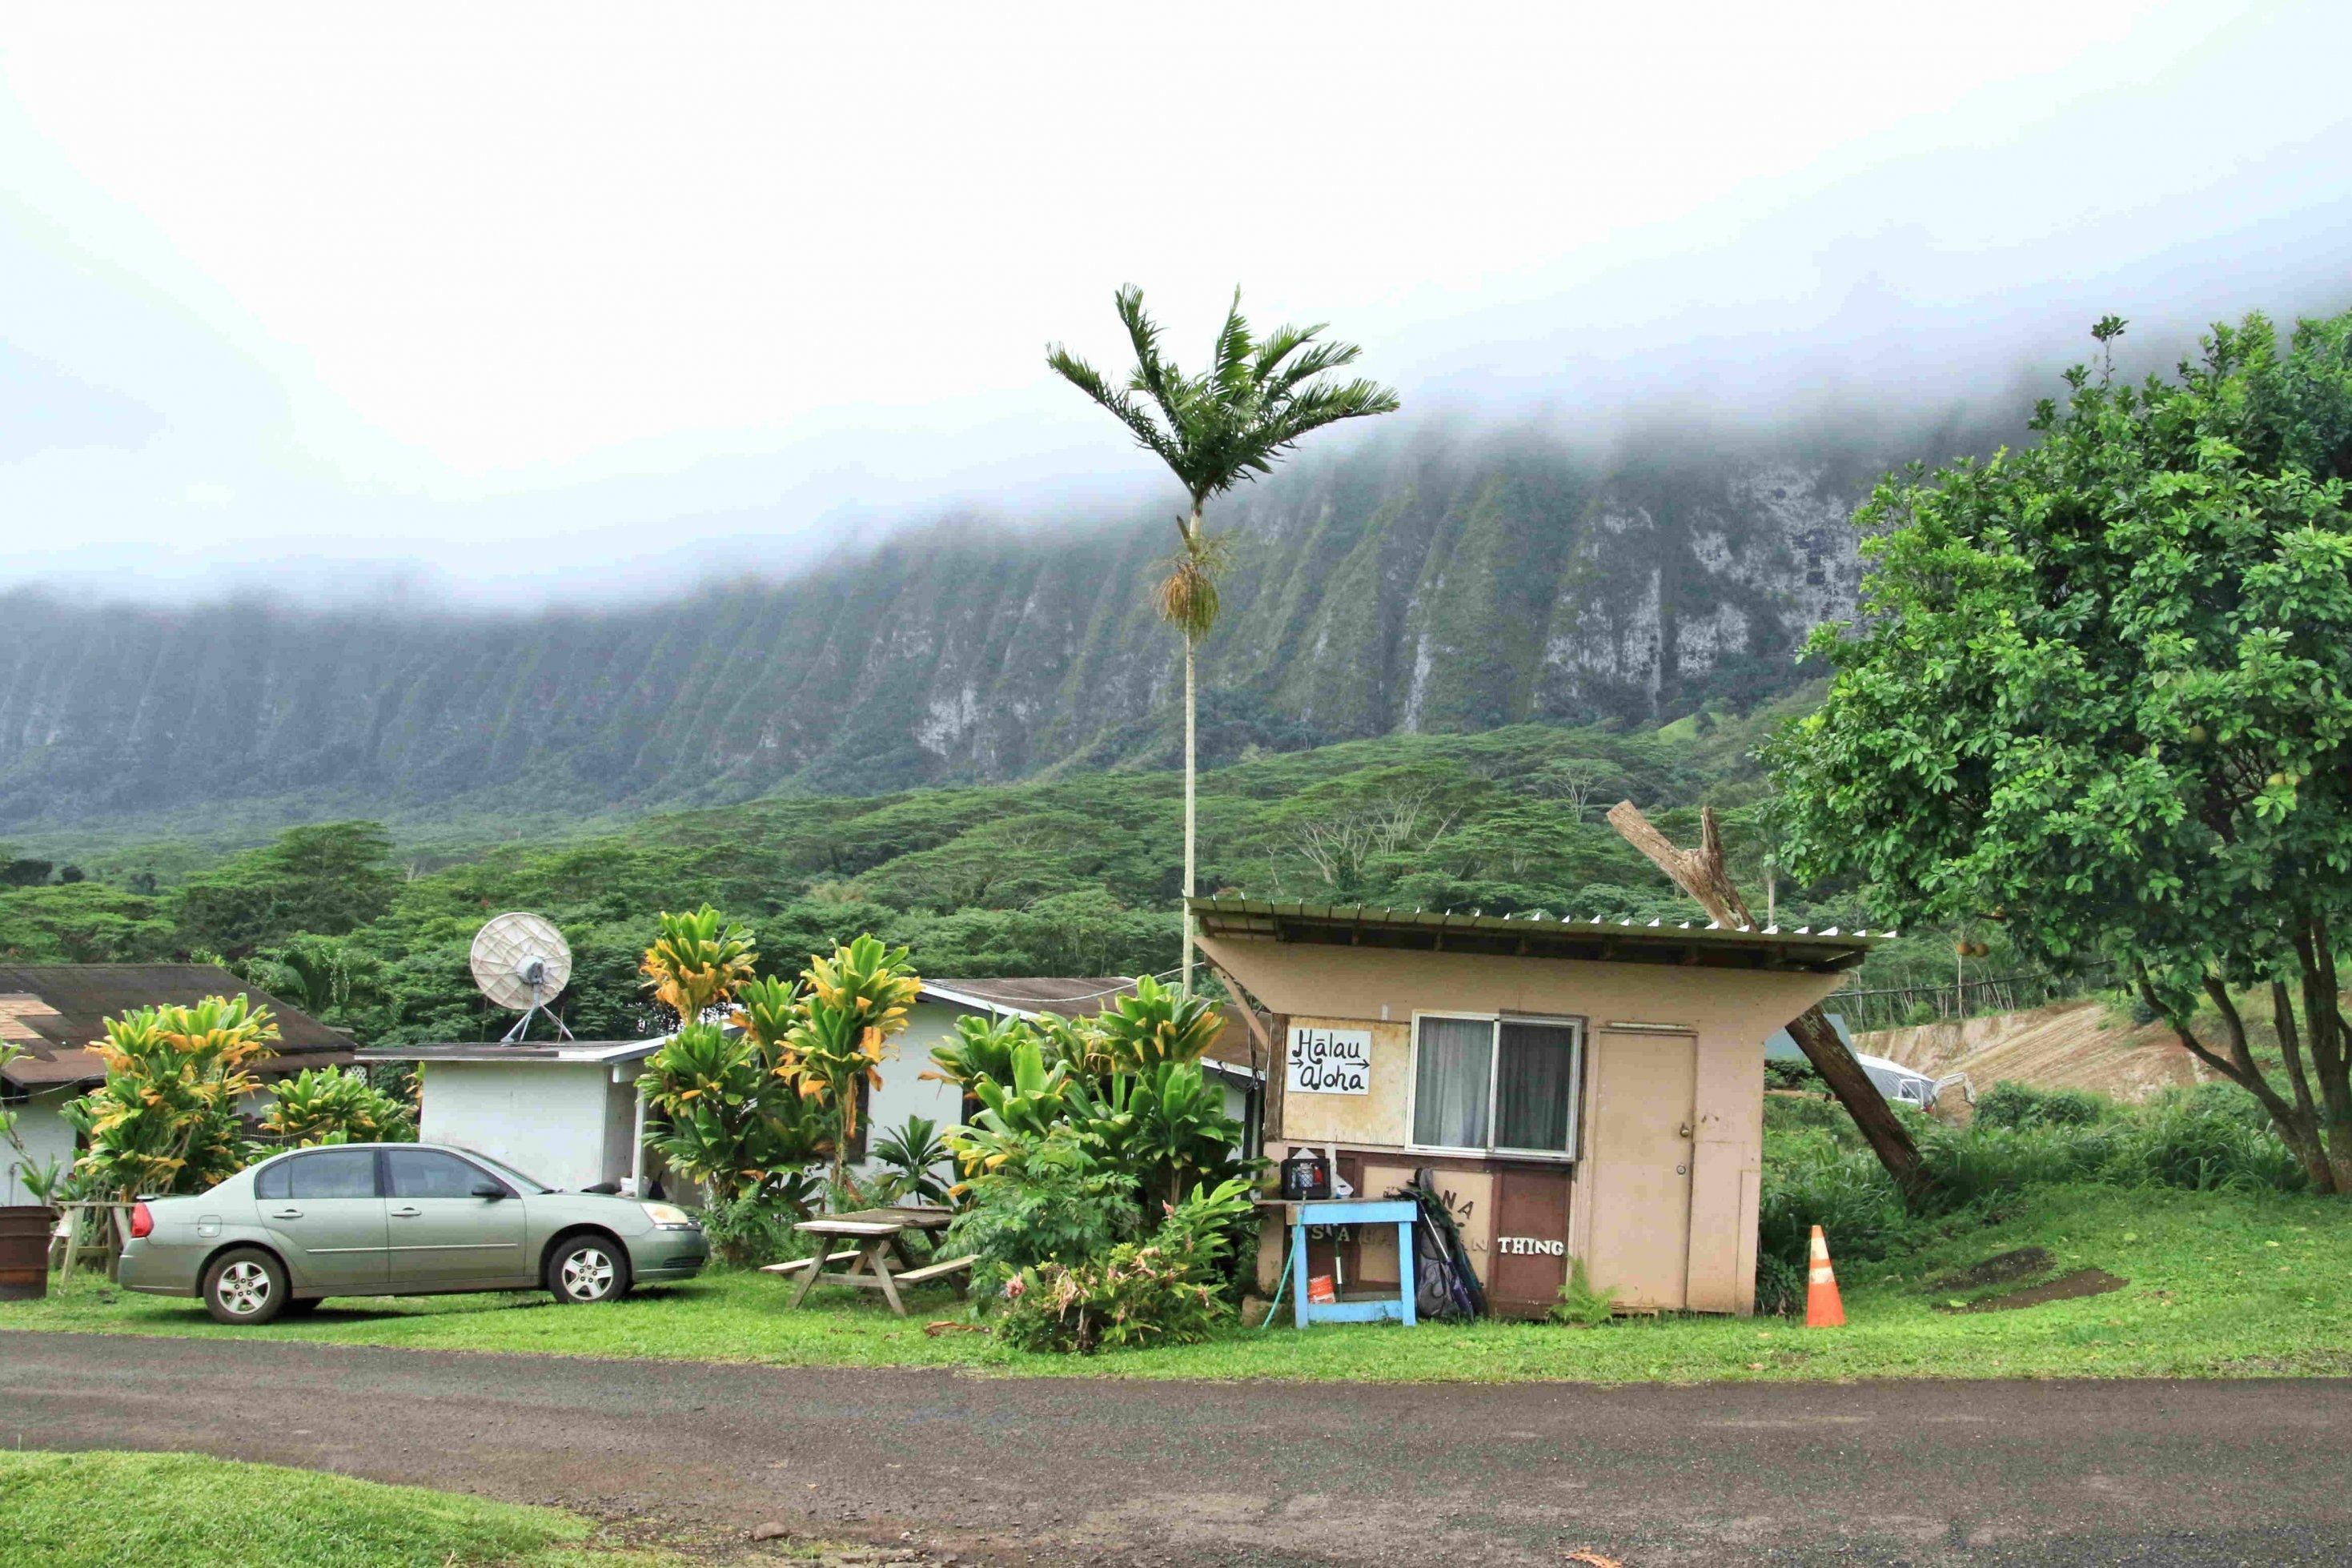 Eine kleine Hütte vor einer Palme und nebeligen Bergen.